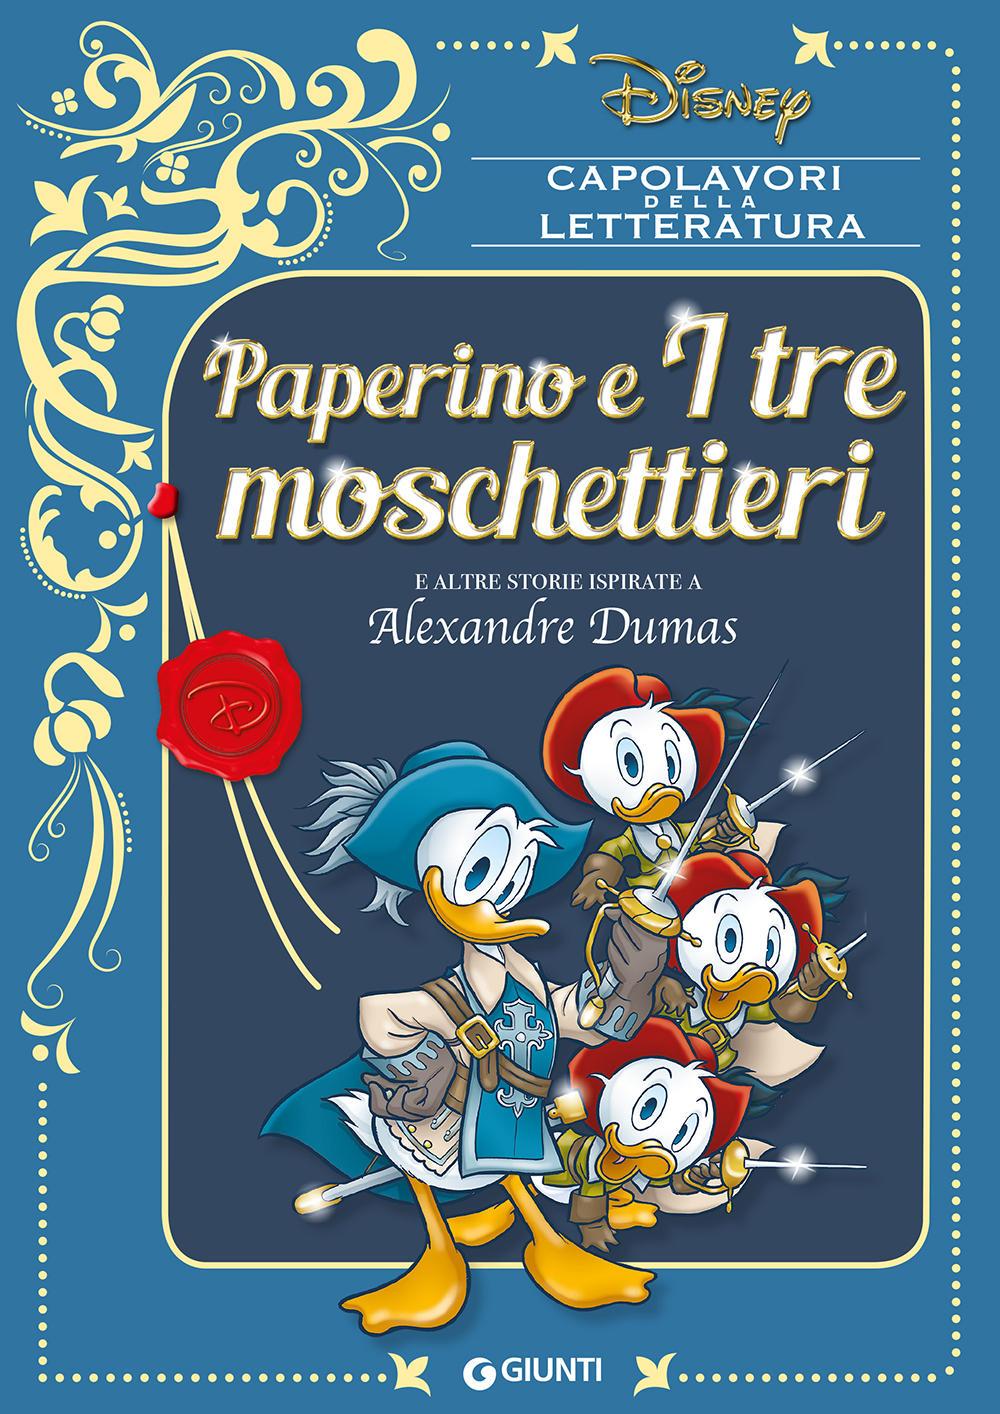 Paperino e I tre moschettieri